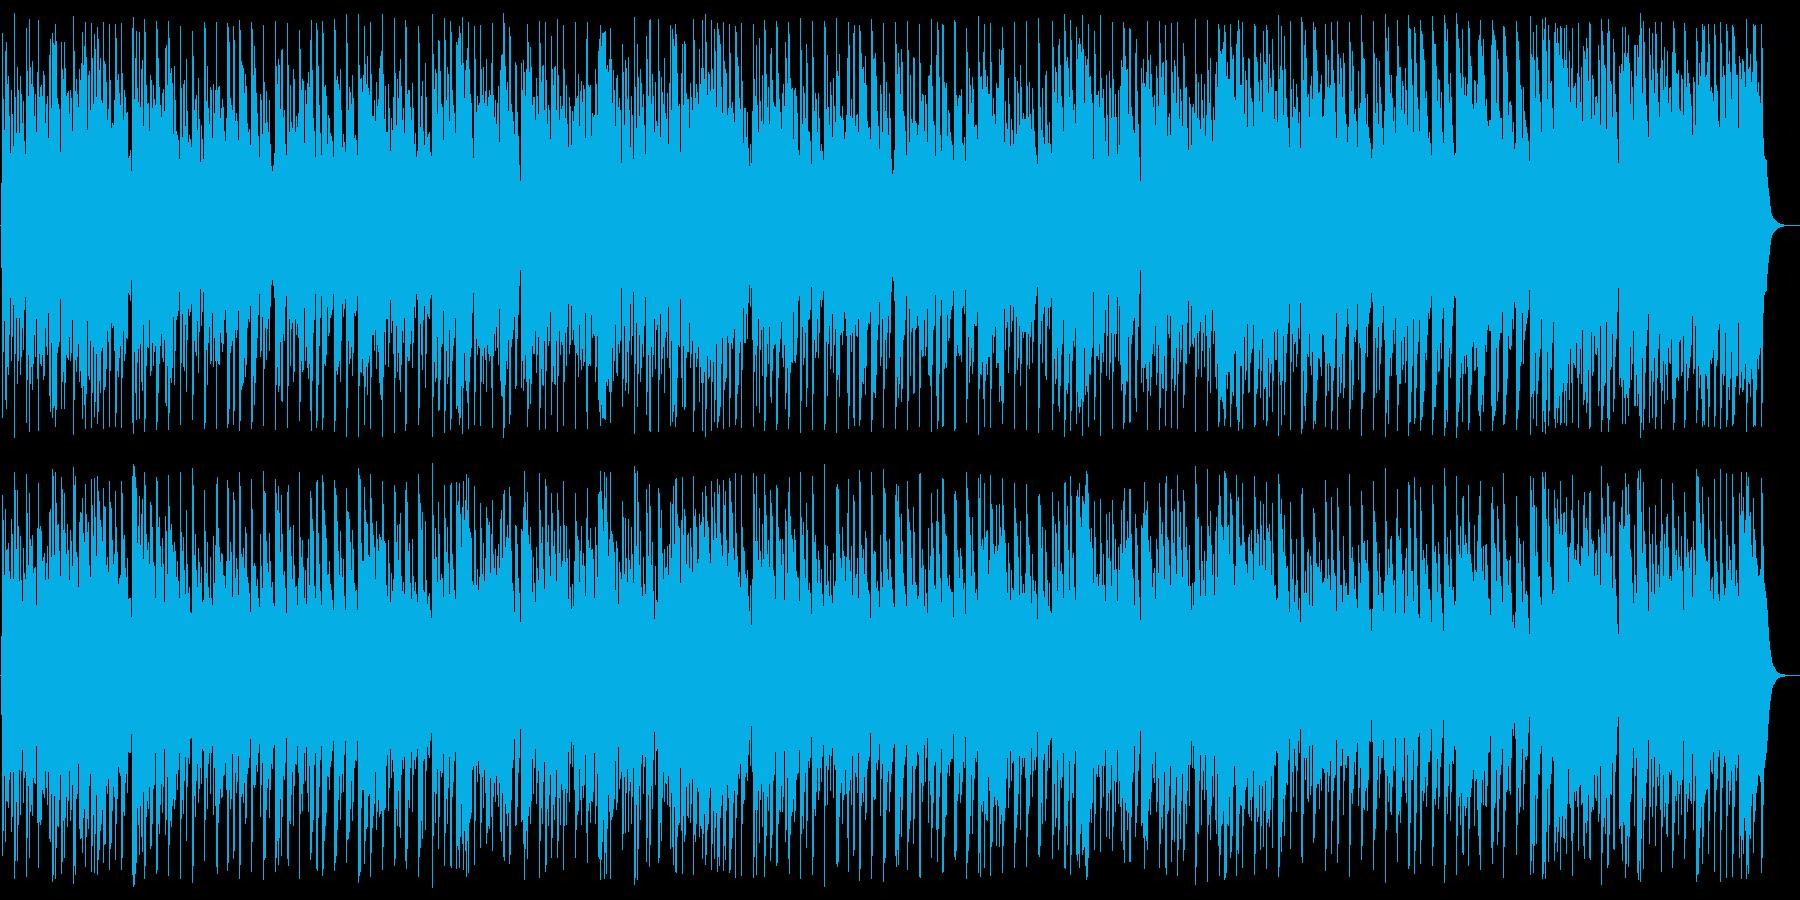 天には栄え オルゴールの再生済みの波形